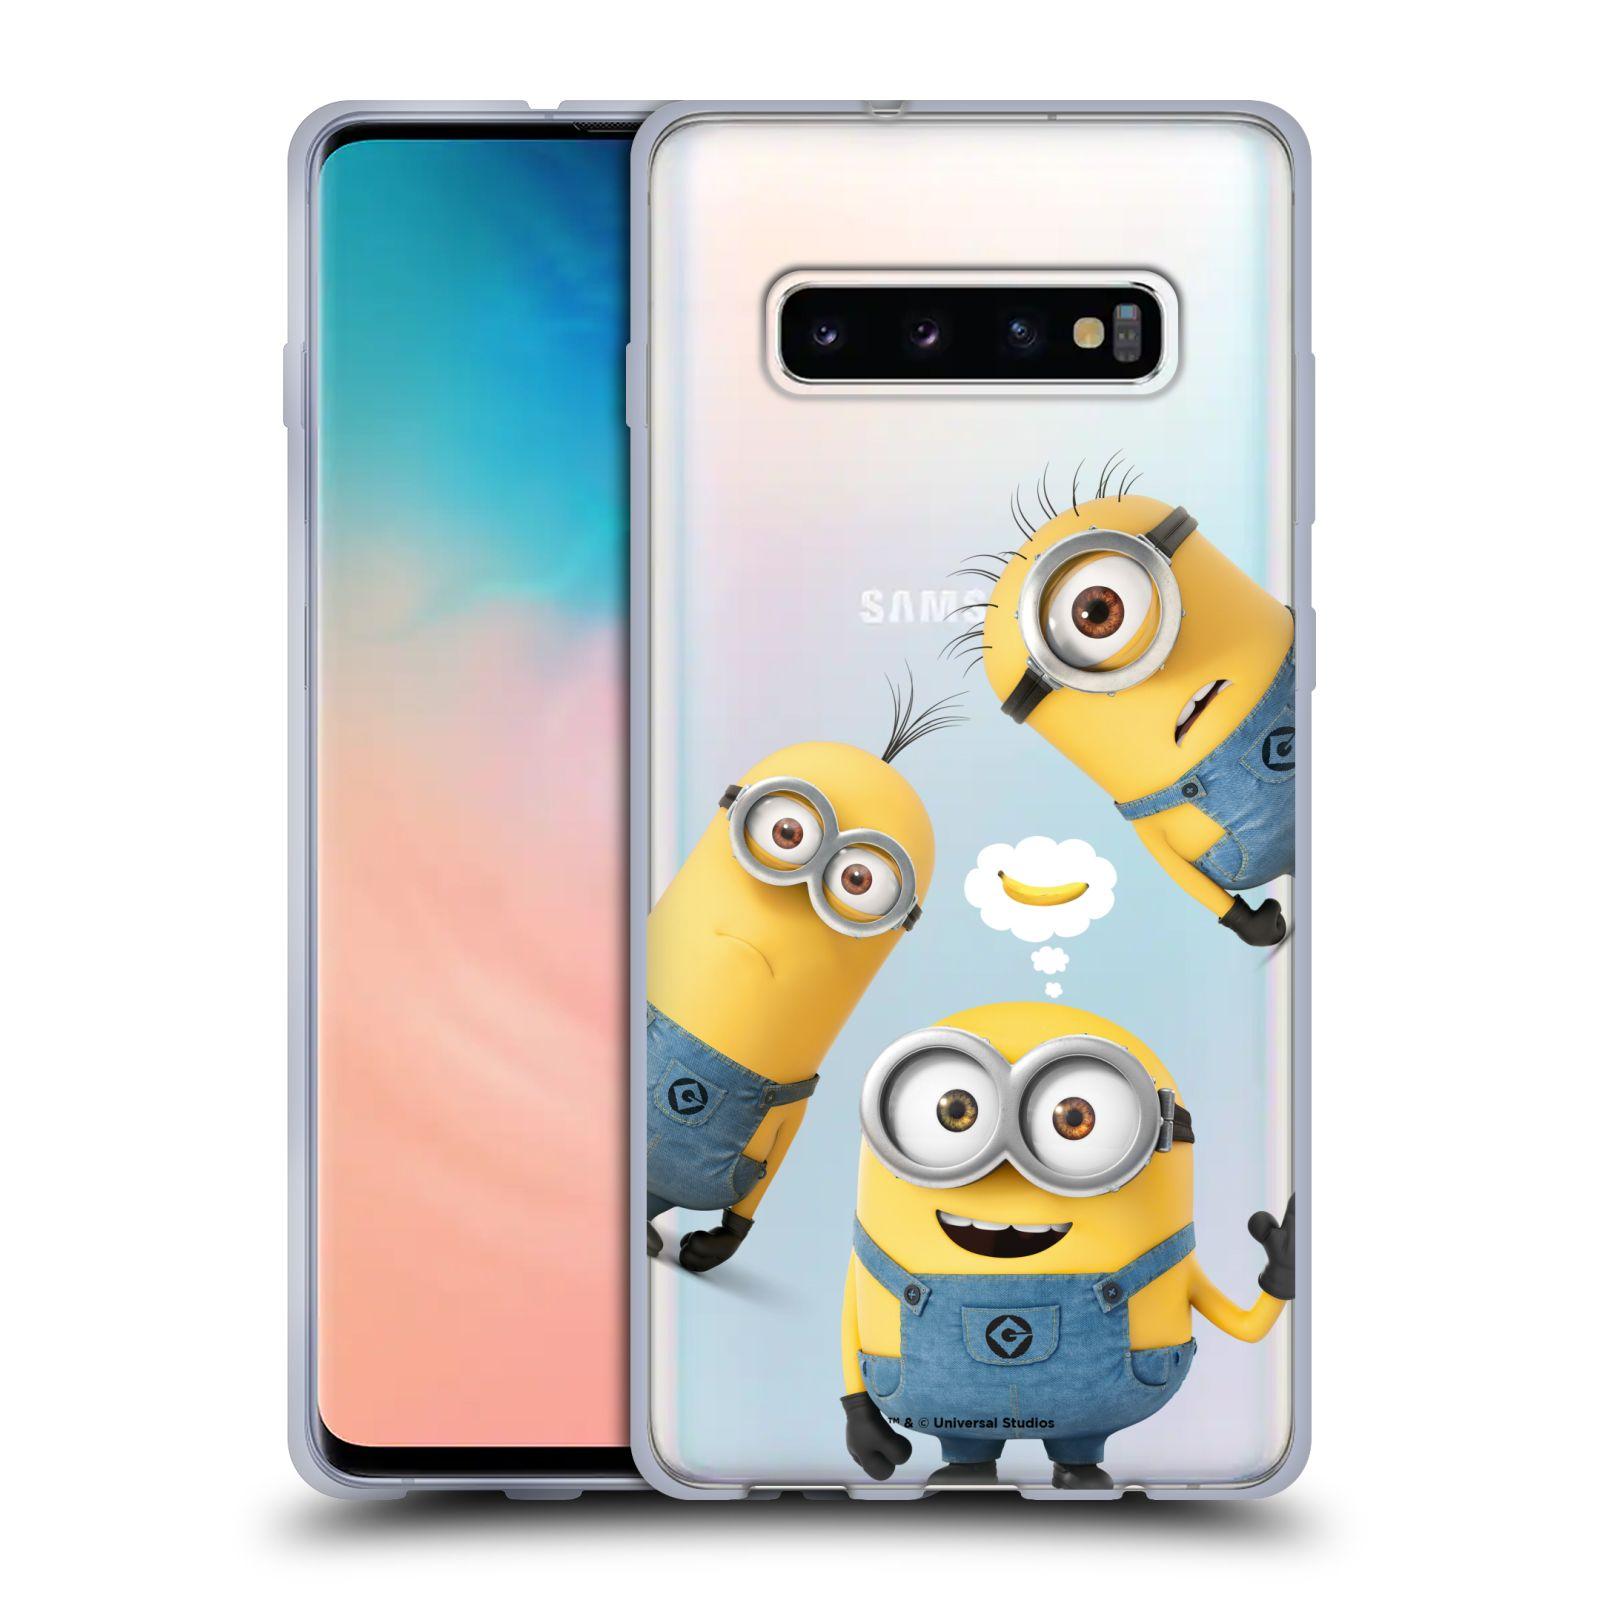 Silikonové pouzdro na mobil Samsung Galaxy S10 Plus - Head Case - Mimoni Banana z filmu Já, padouch - Despicable Me